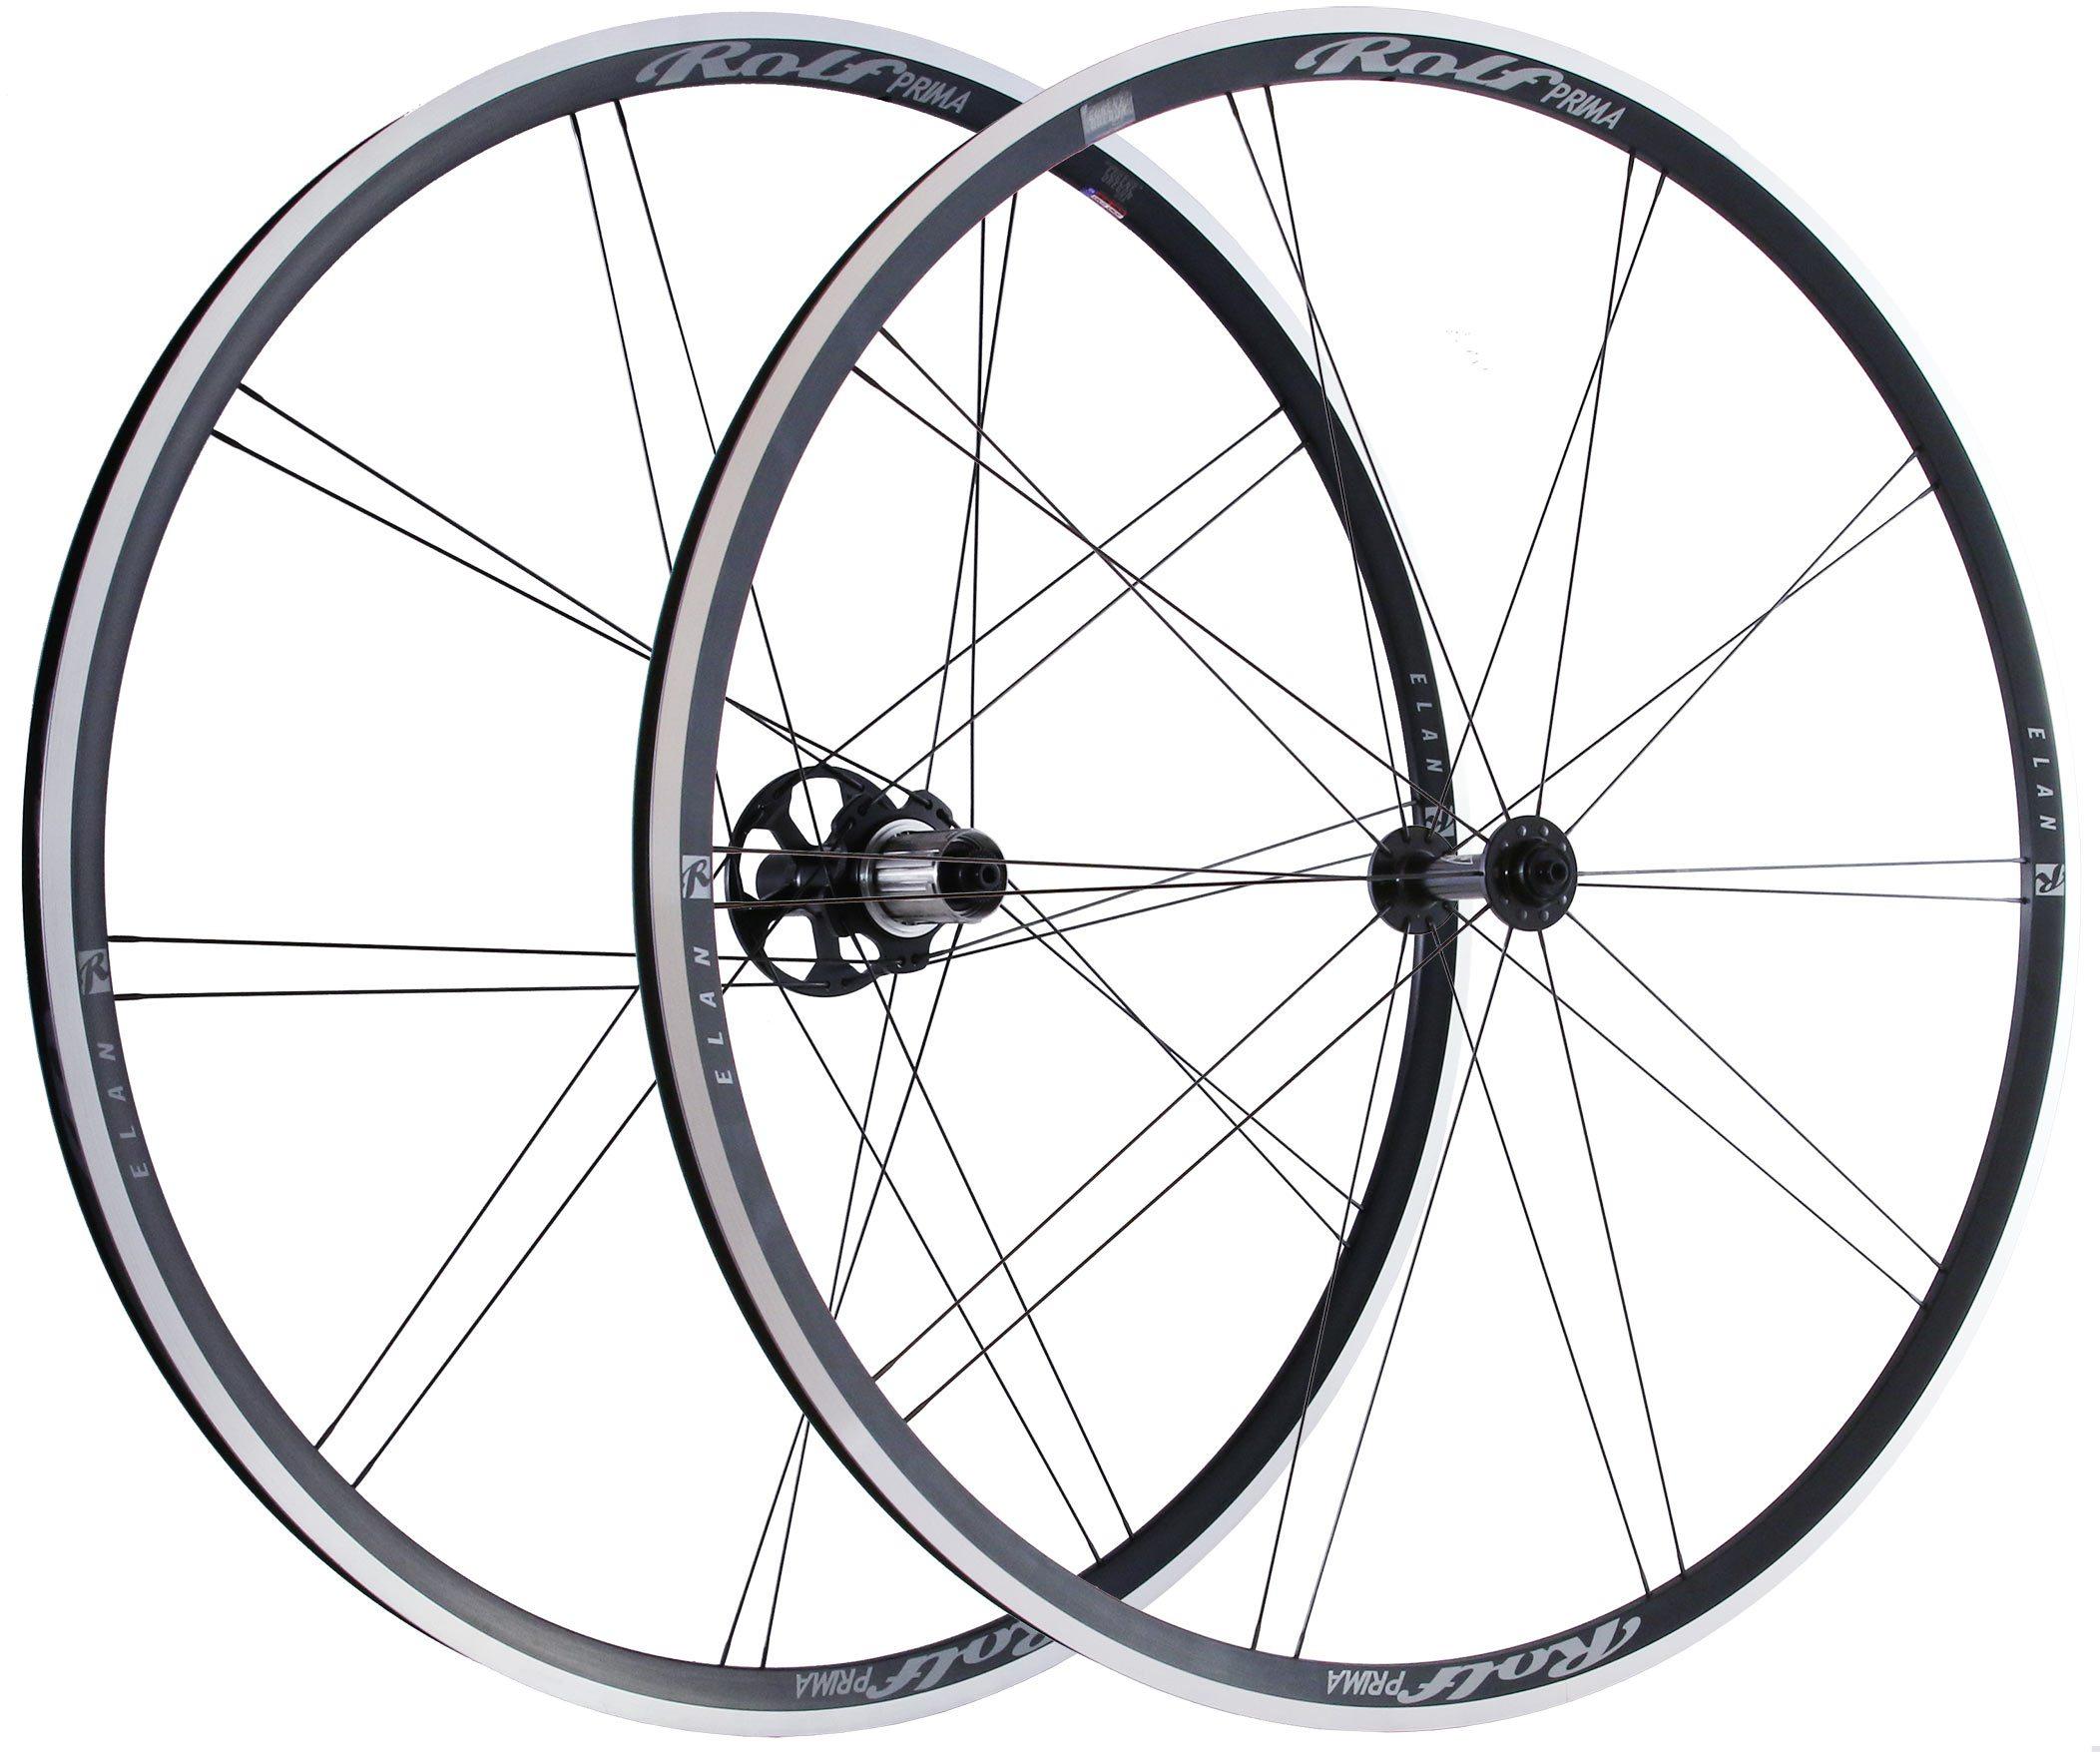 Rolf PRIMA - Elan - velmi lehká závodní plášťová zapletená kola s nízkým, 23mm Rolf PRIMA - Elan - velmi lehká závodní plášťová zapletená kola s nízkým, 23mm